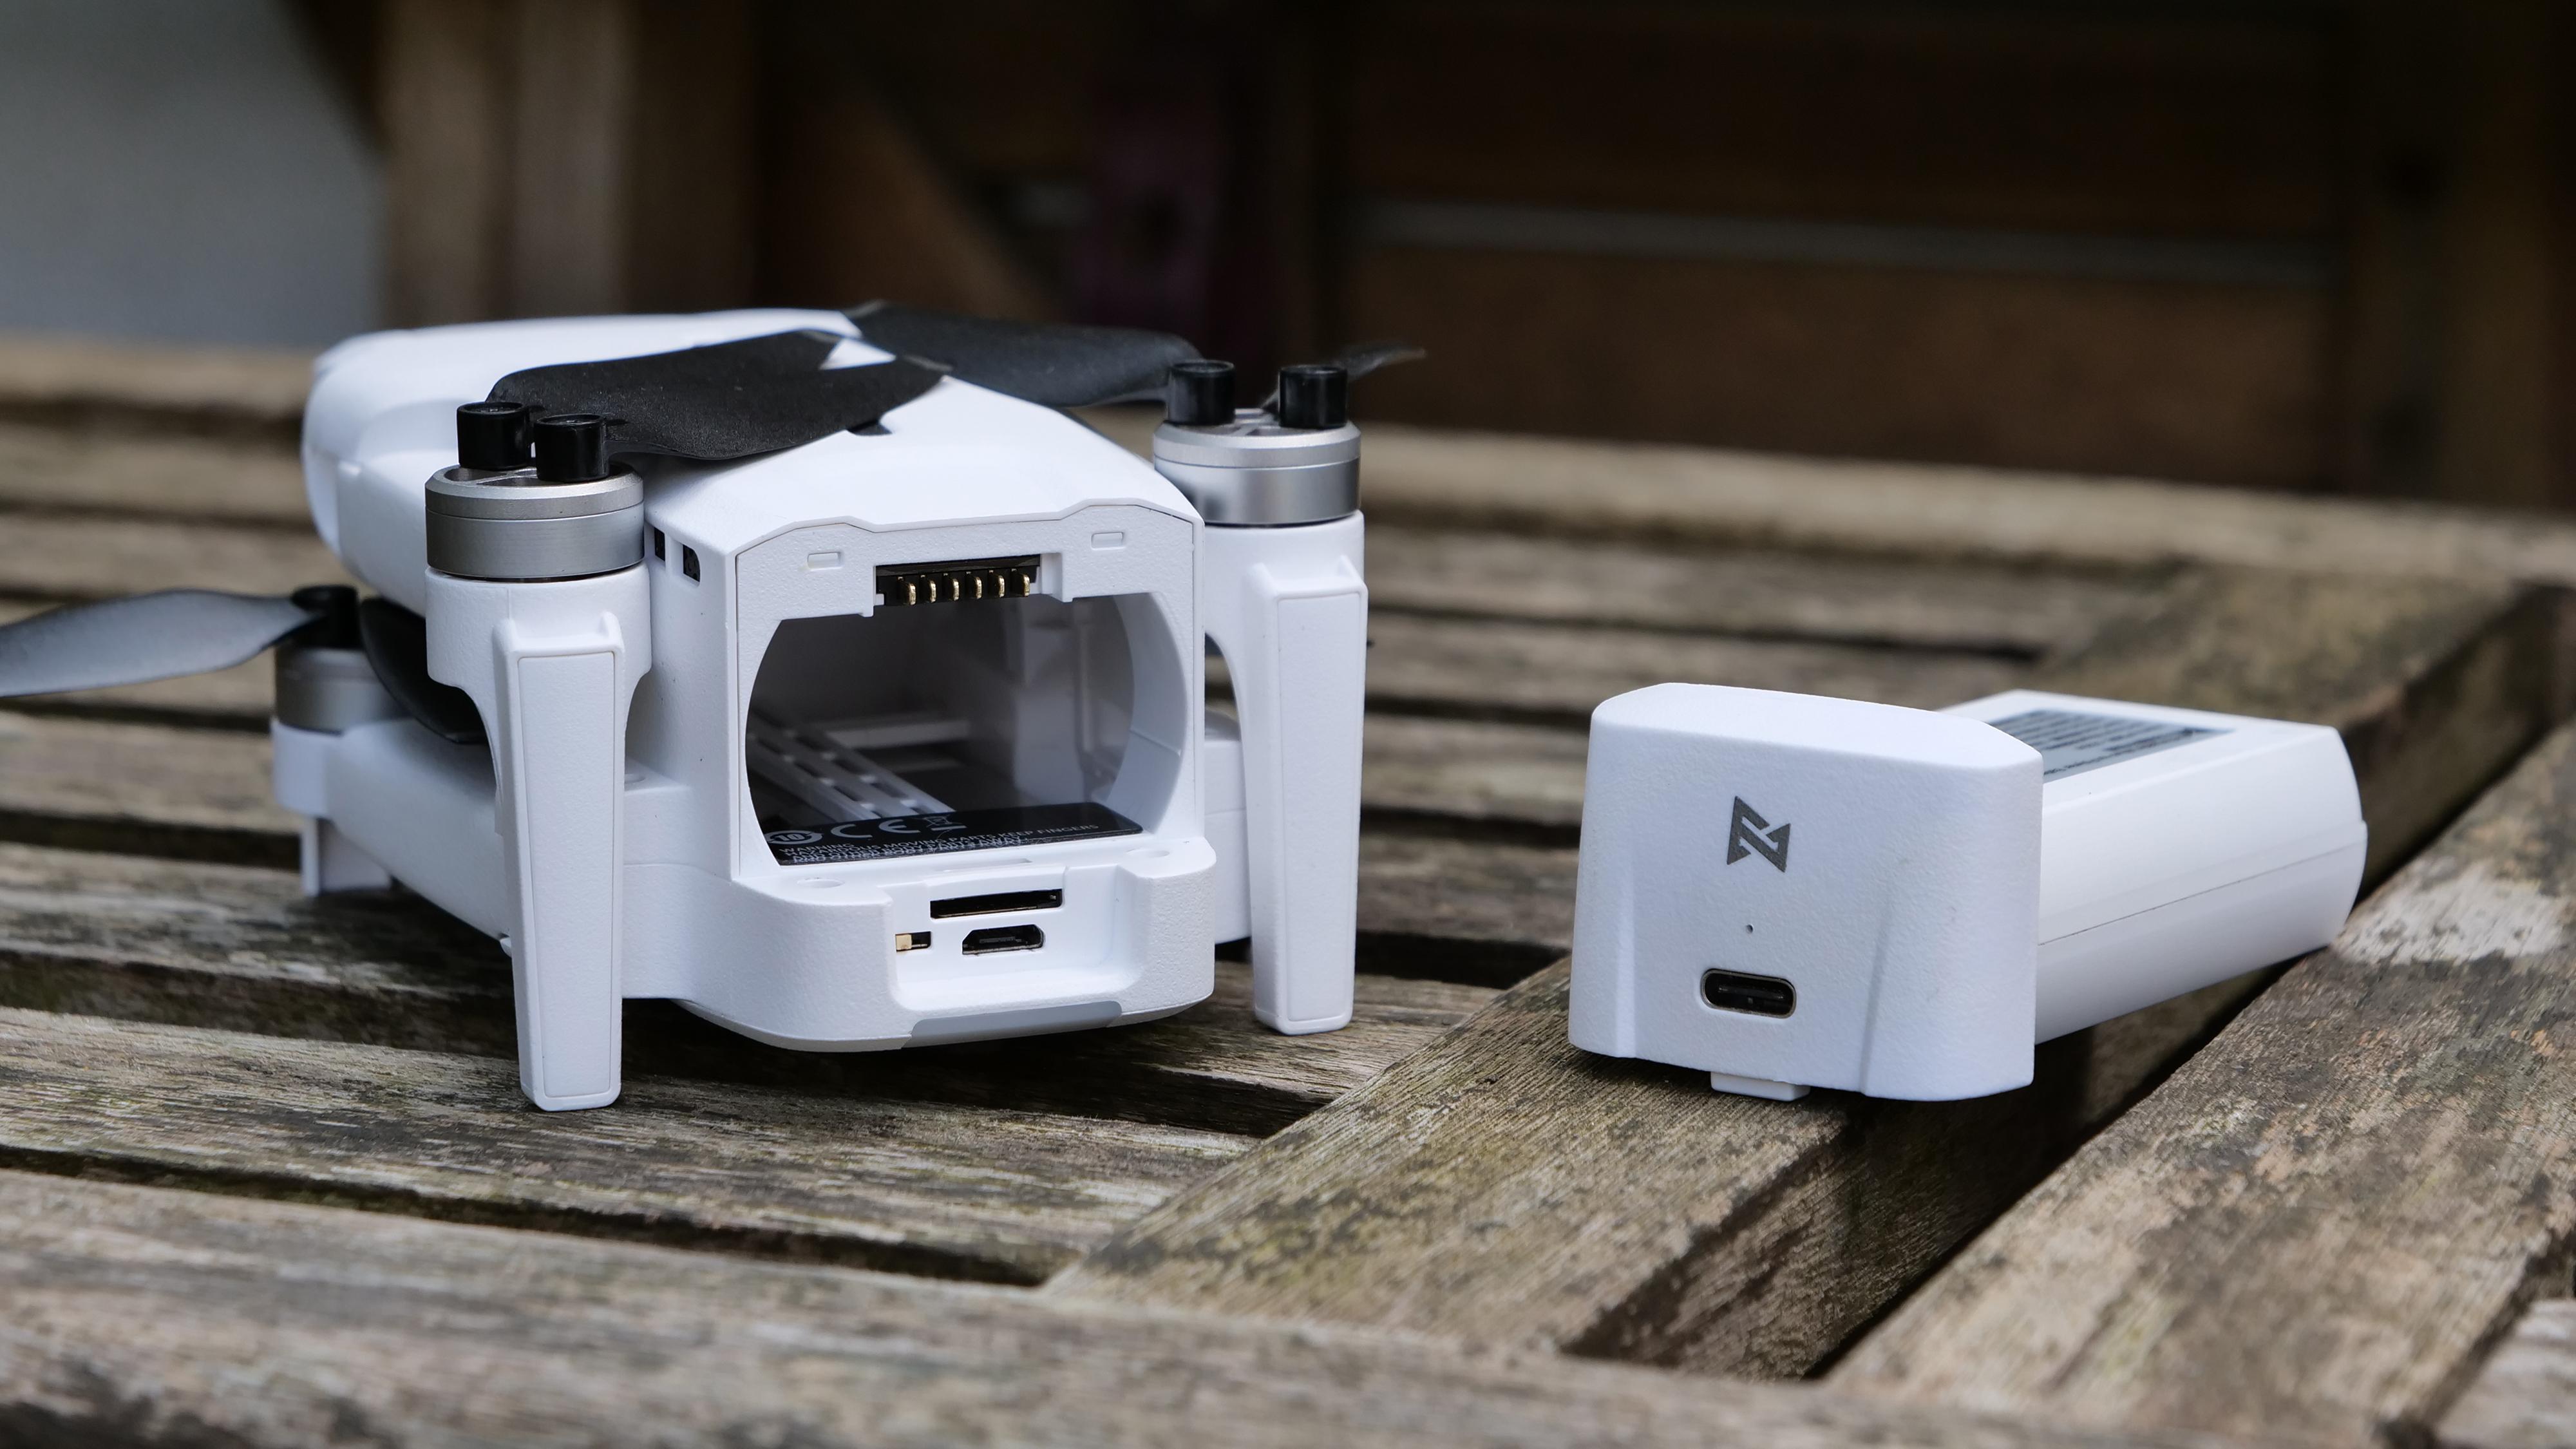 The FIMI X8 Mini drone's battery